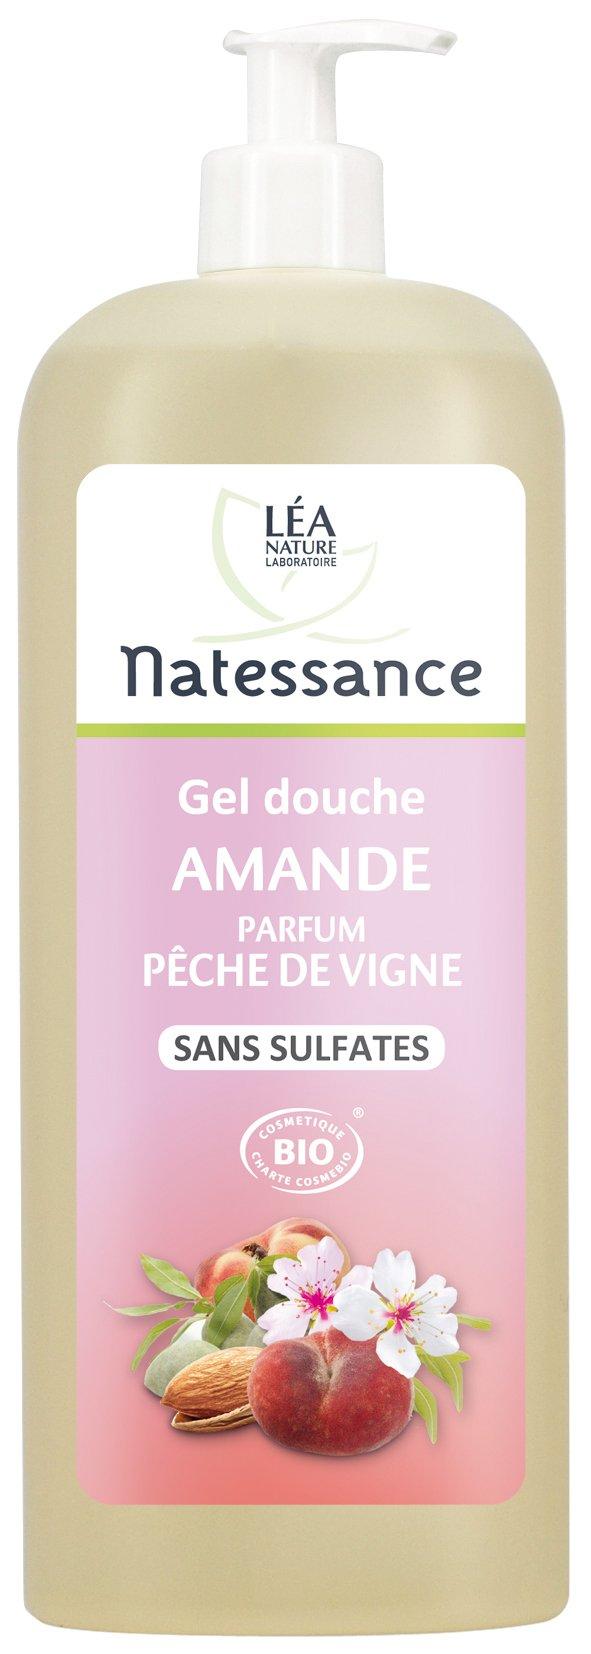 Natessance Hygiène Douche Crème Amande Parfum Pêche de Vigne sans Sulfates 1 L product image